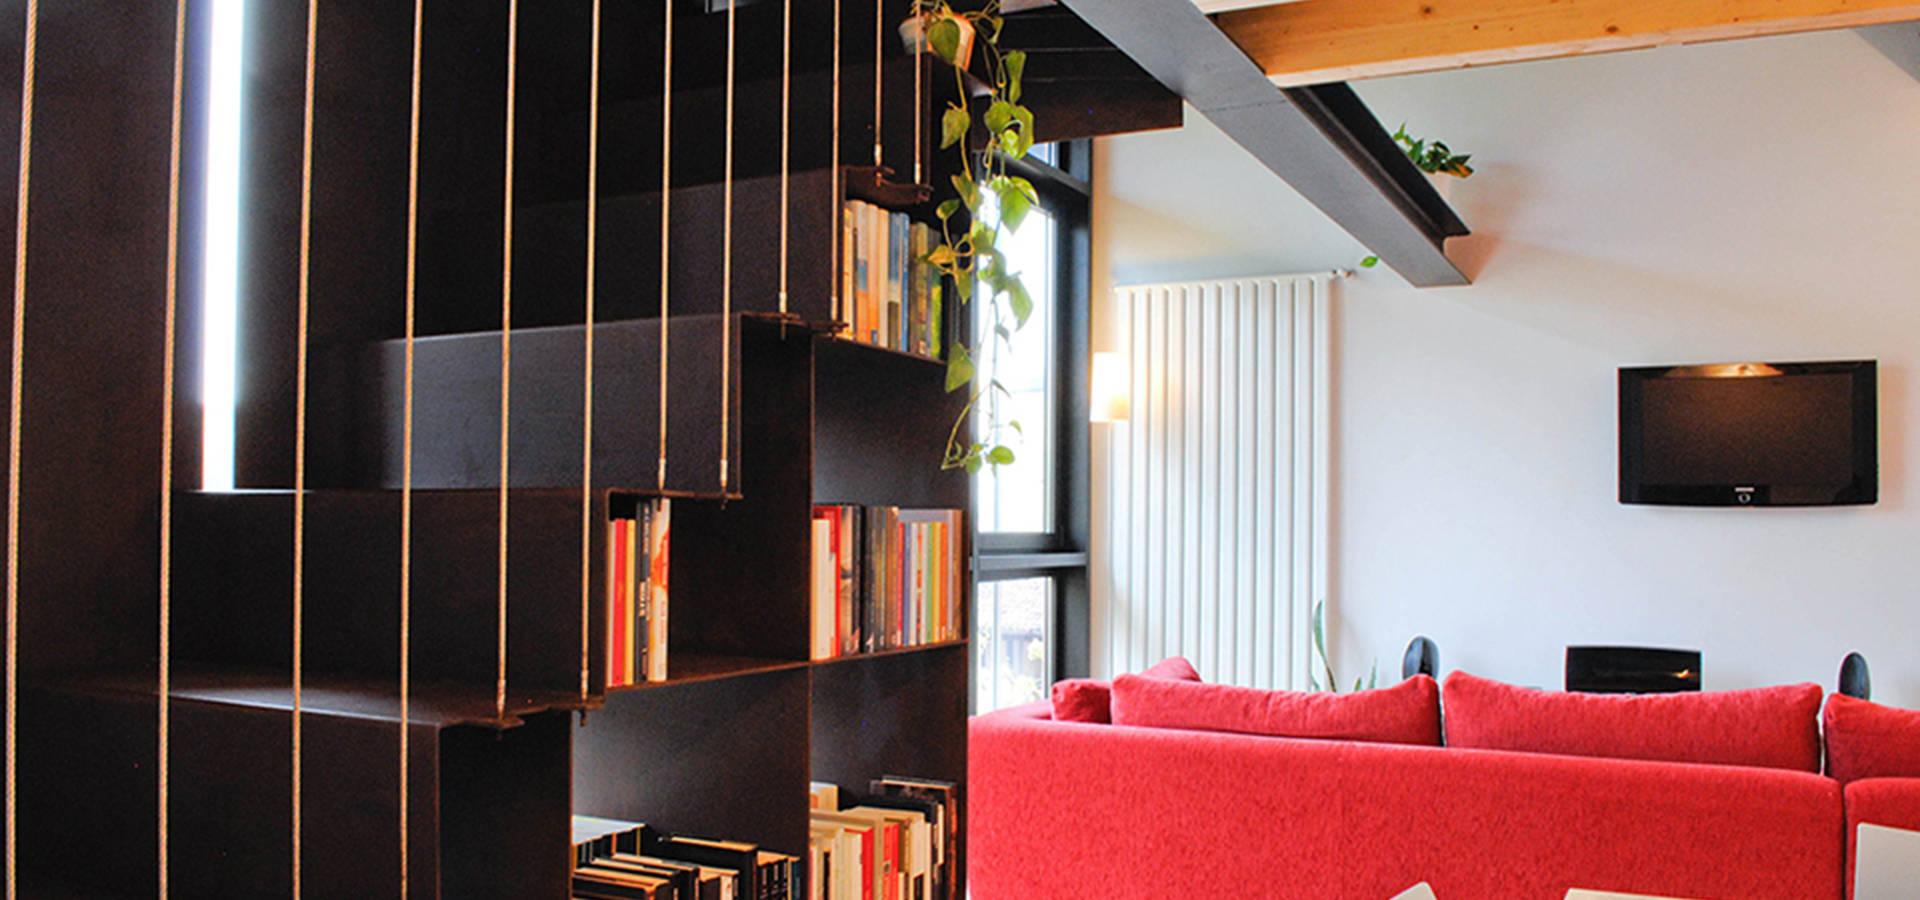 MCArc Laboratorio di architettura sostenibile